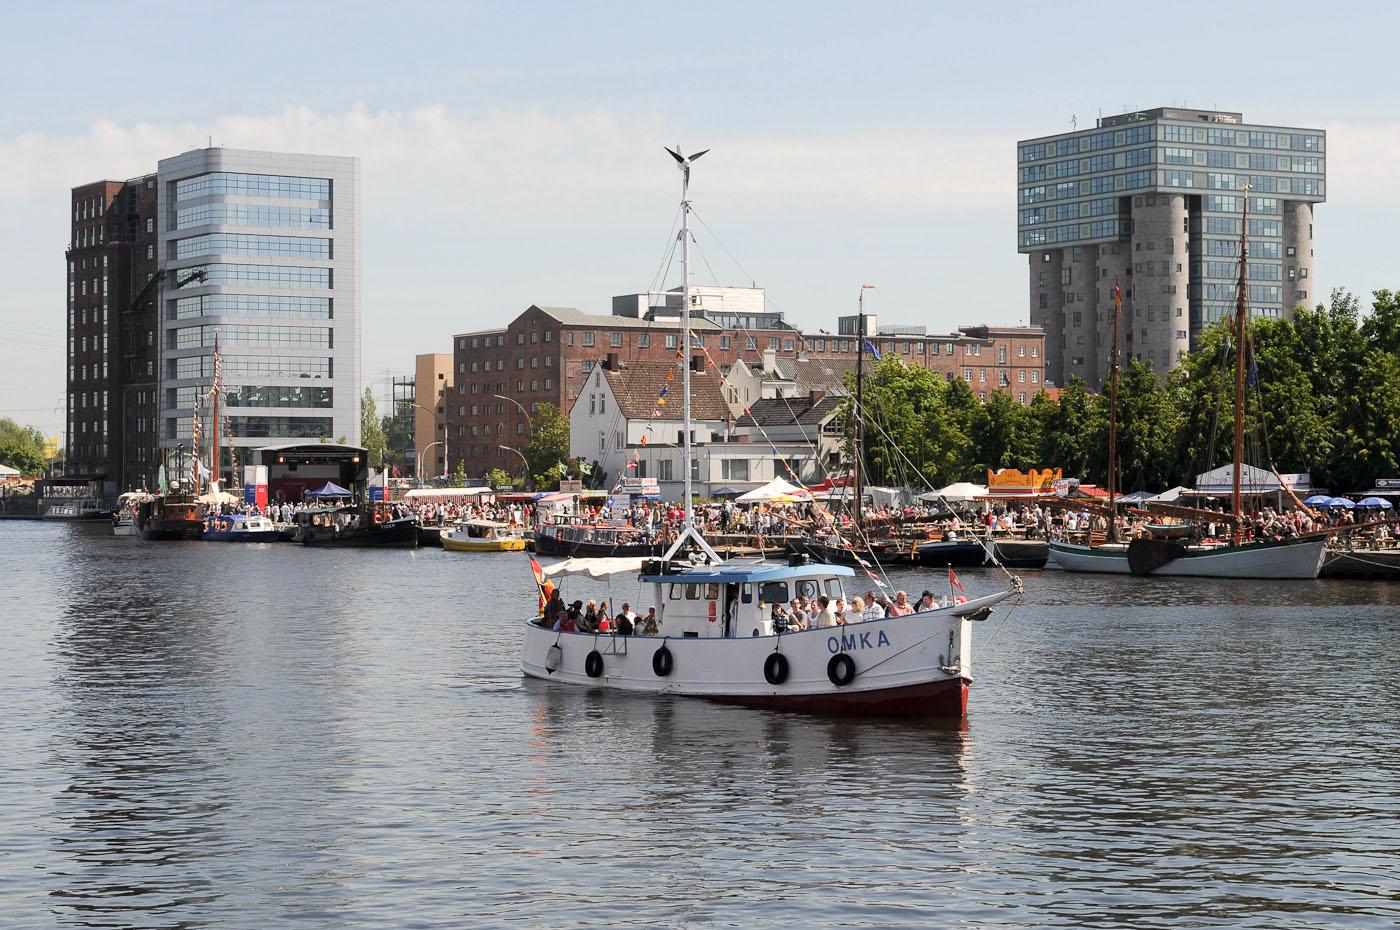 Foto ID 2015041706 Binnenhafen Harburg Hafen